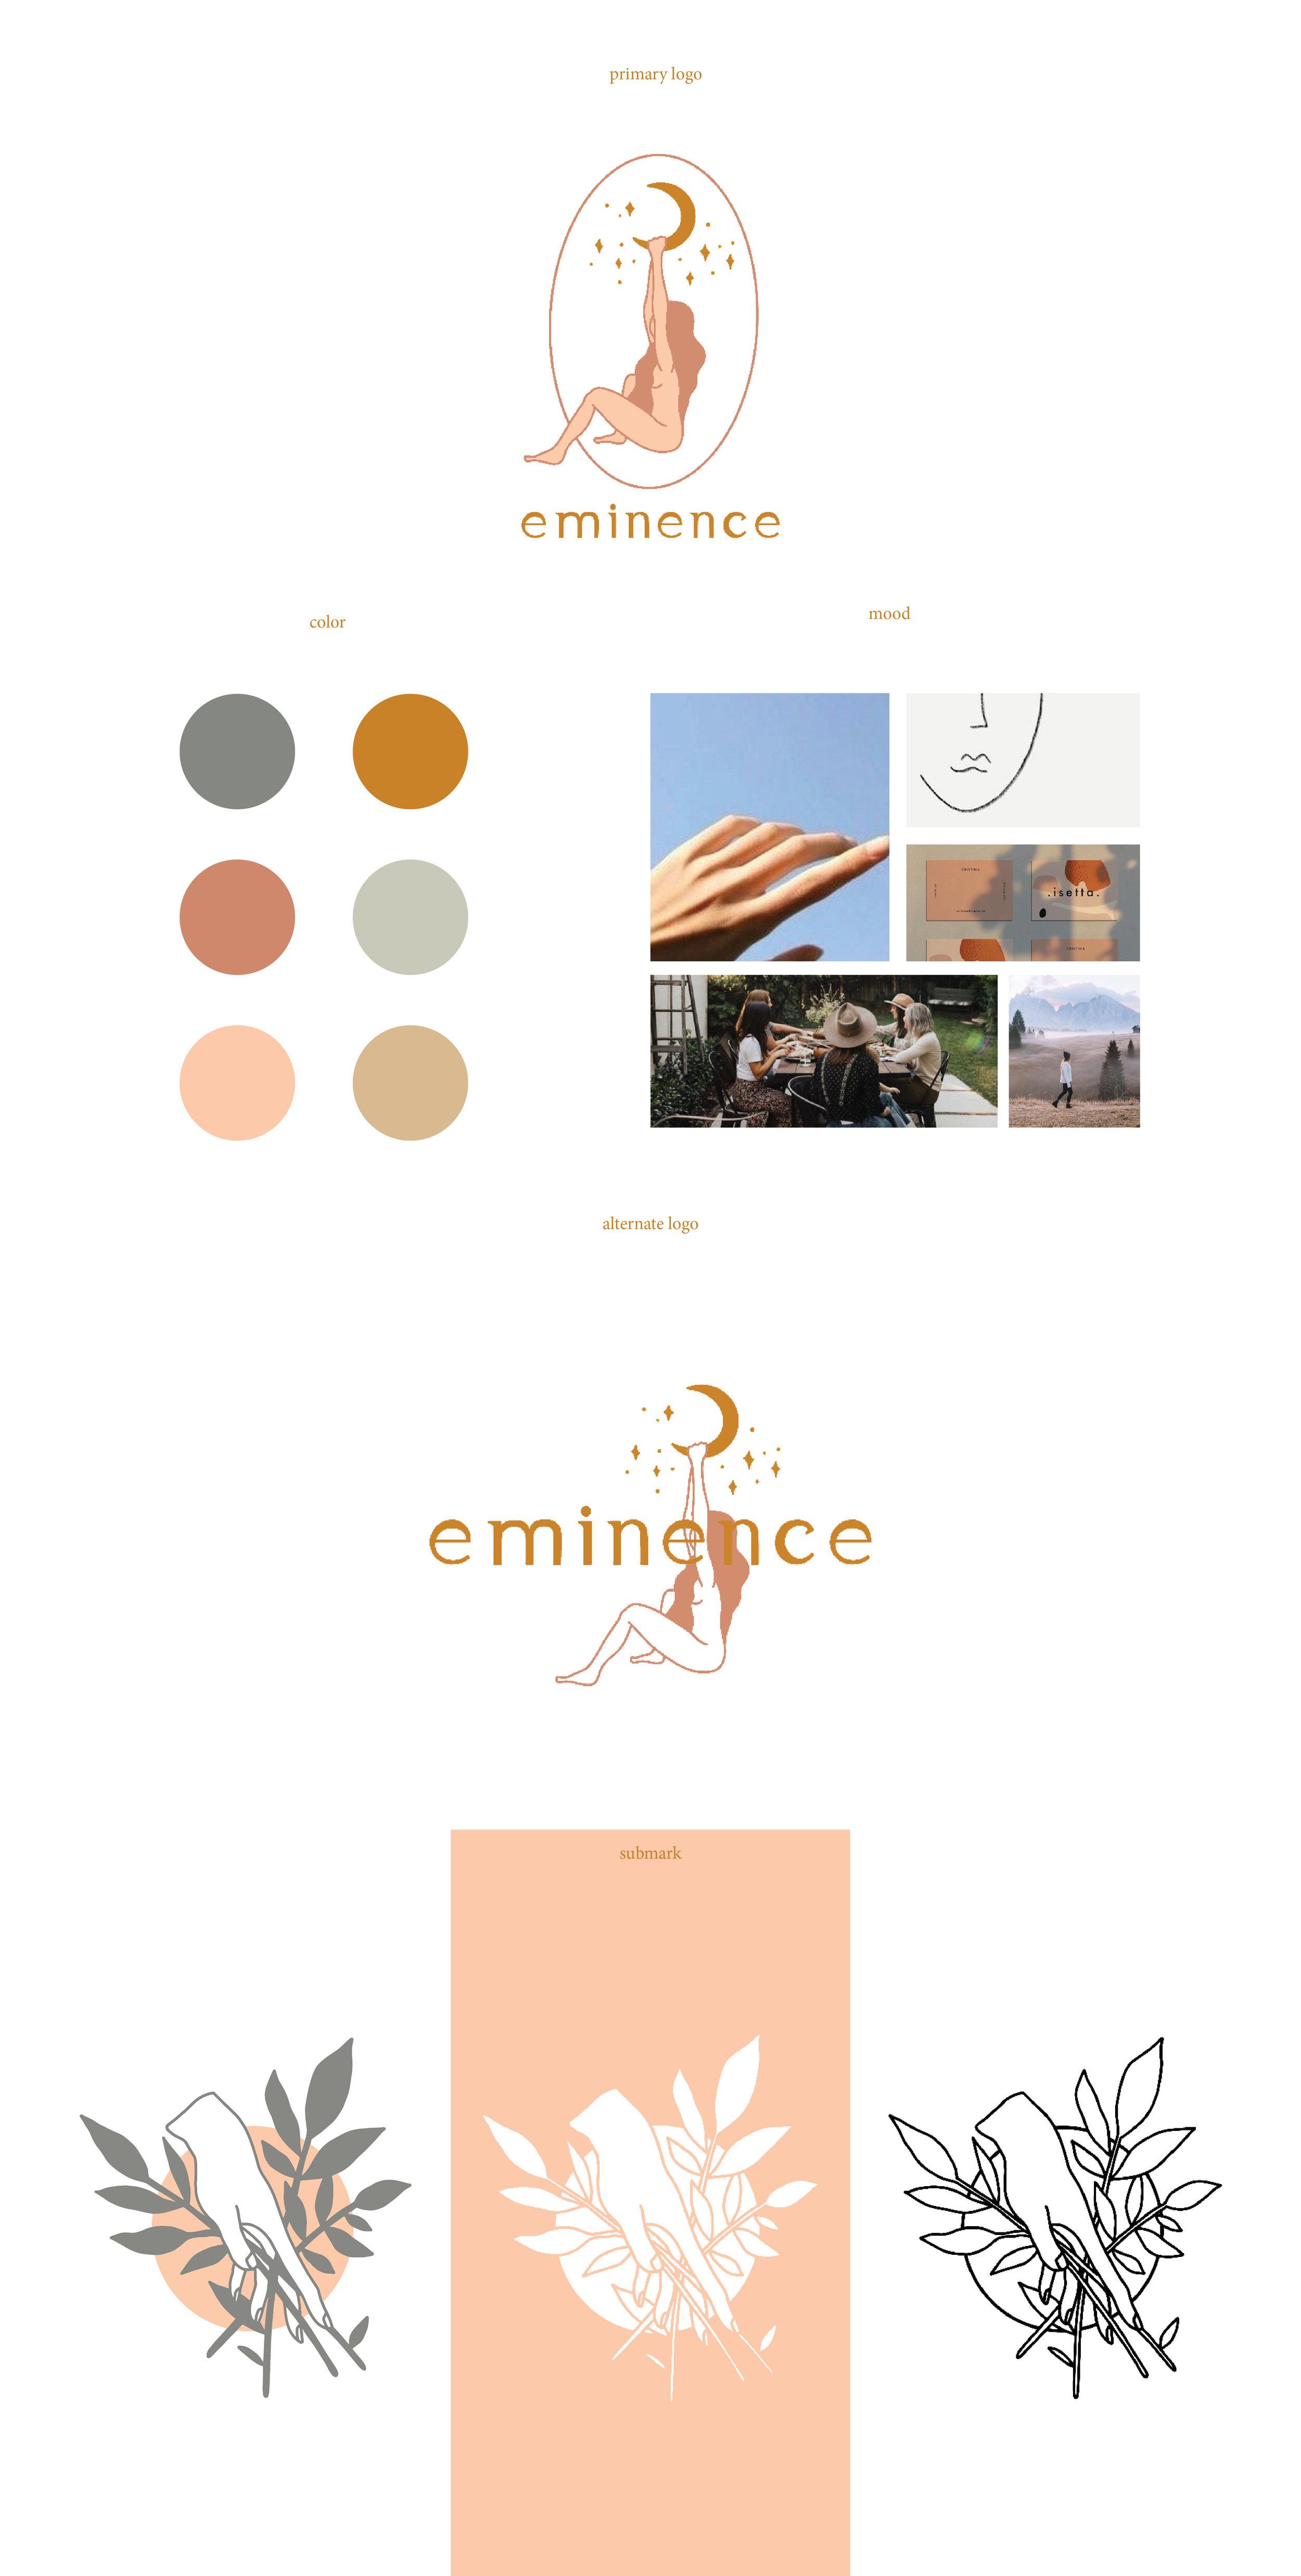 style guide for small business. feminine branding